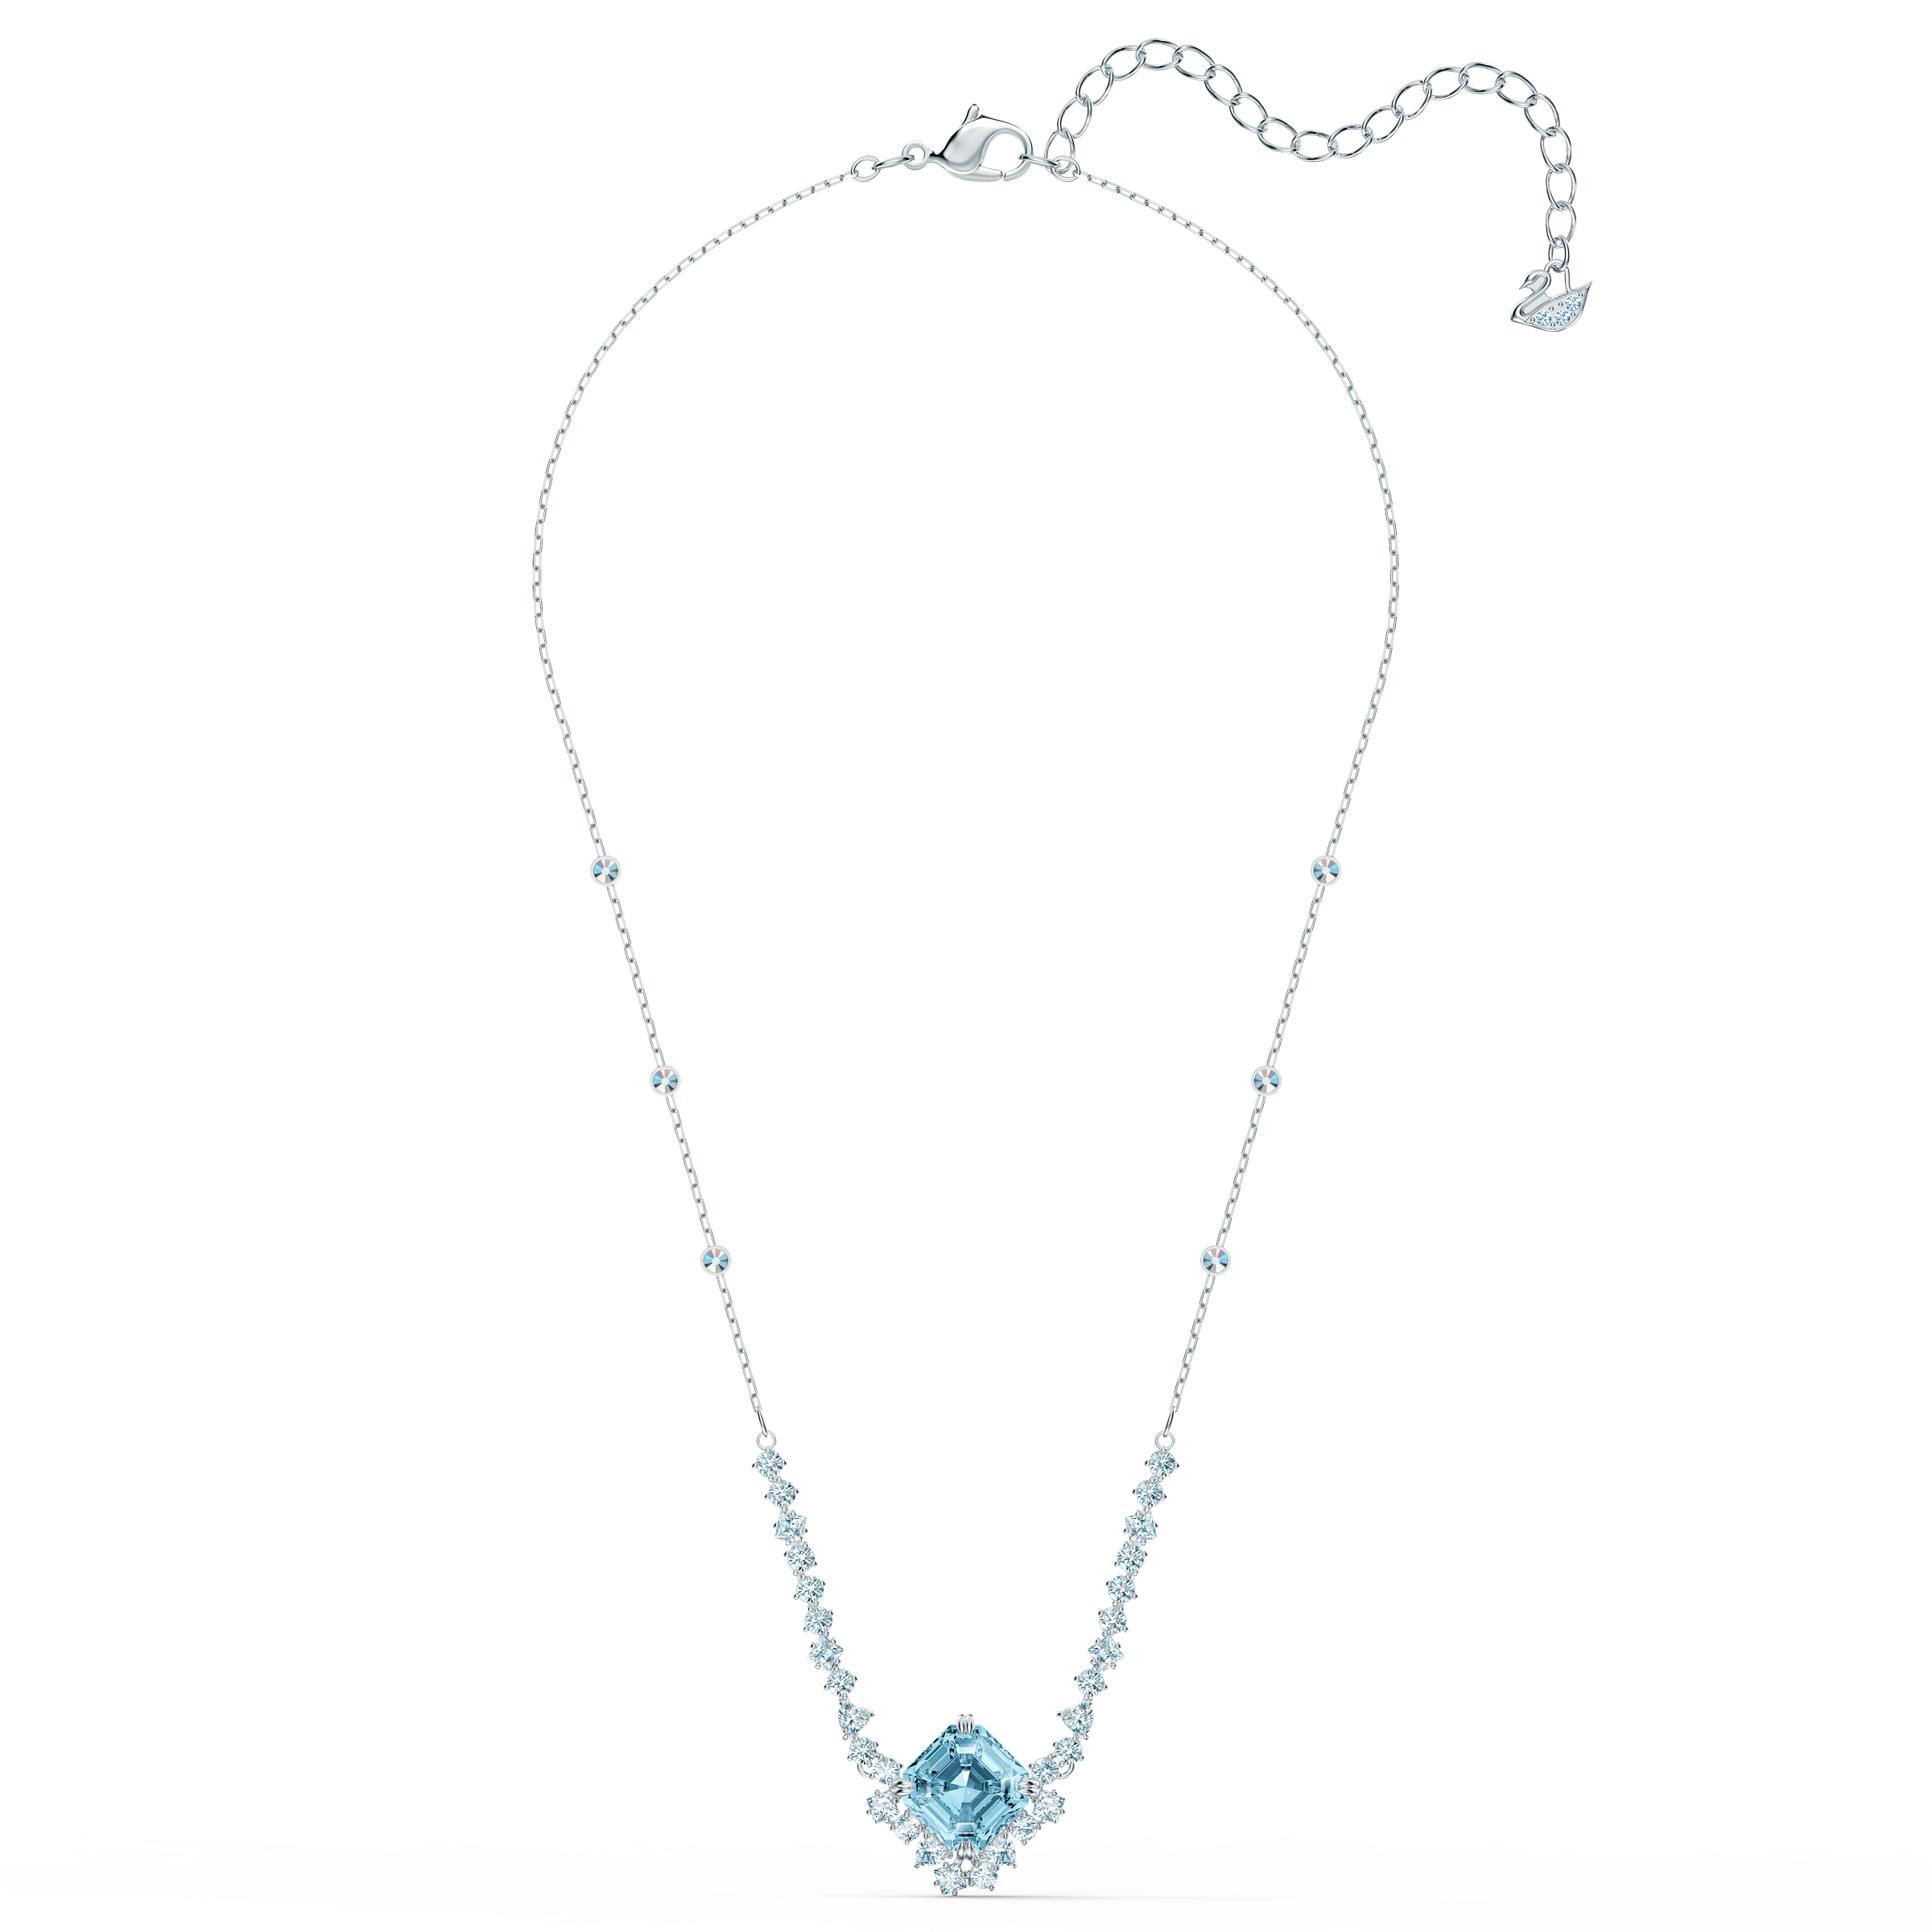 سلسلة Sparkling، ذات لون أزرق مائي، طلاء روديوم